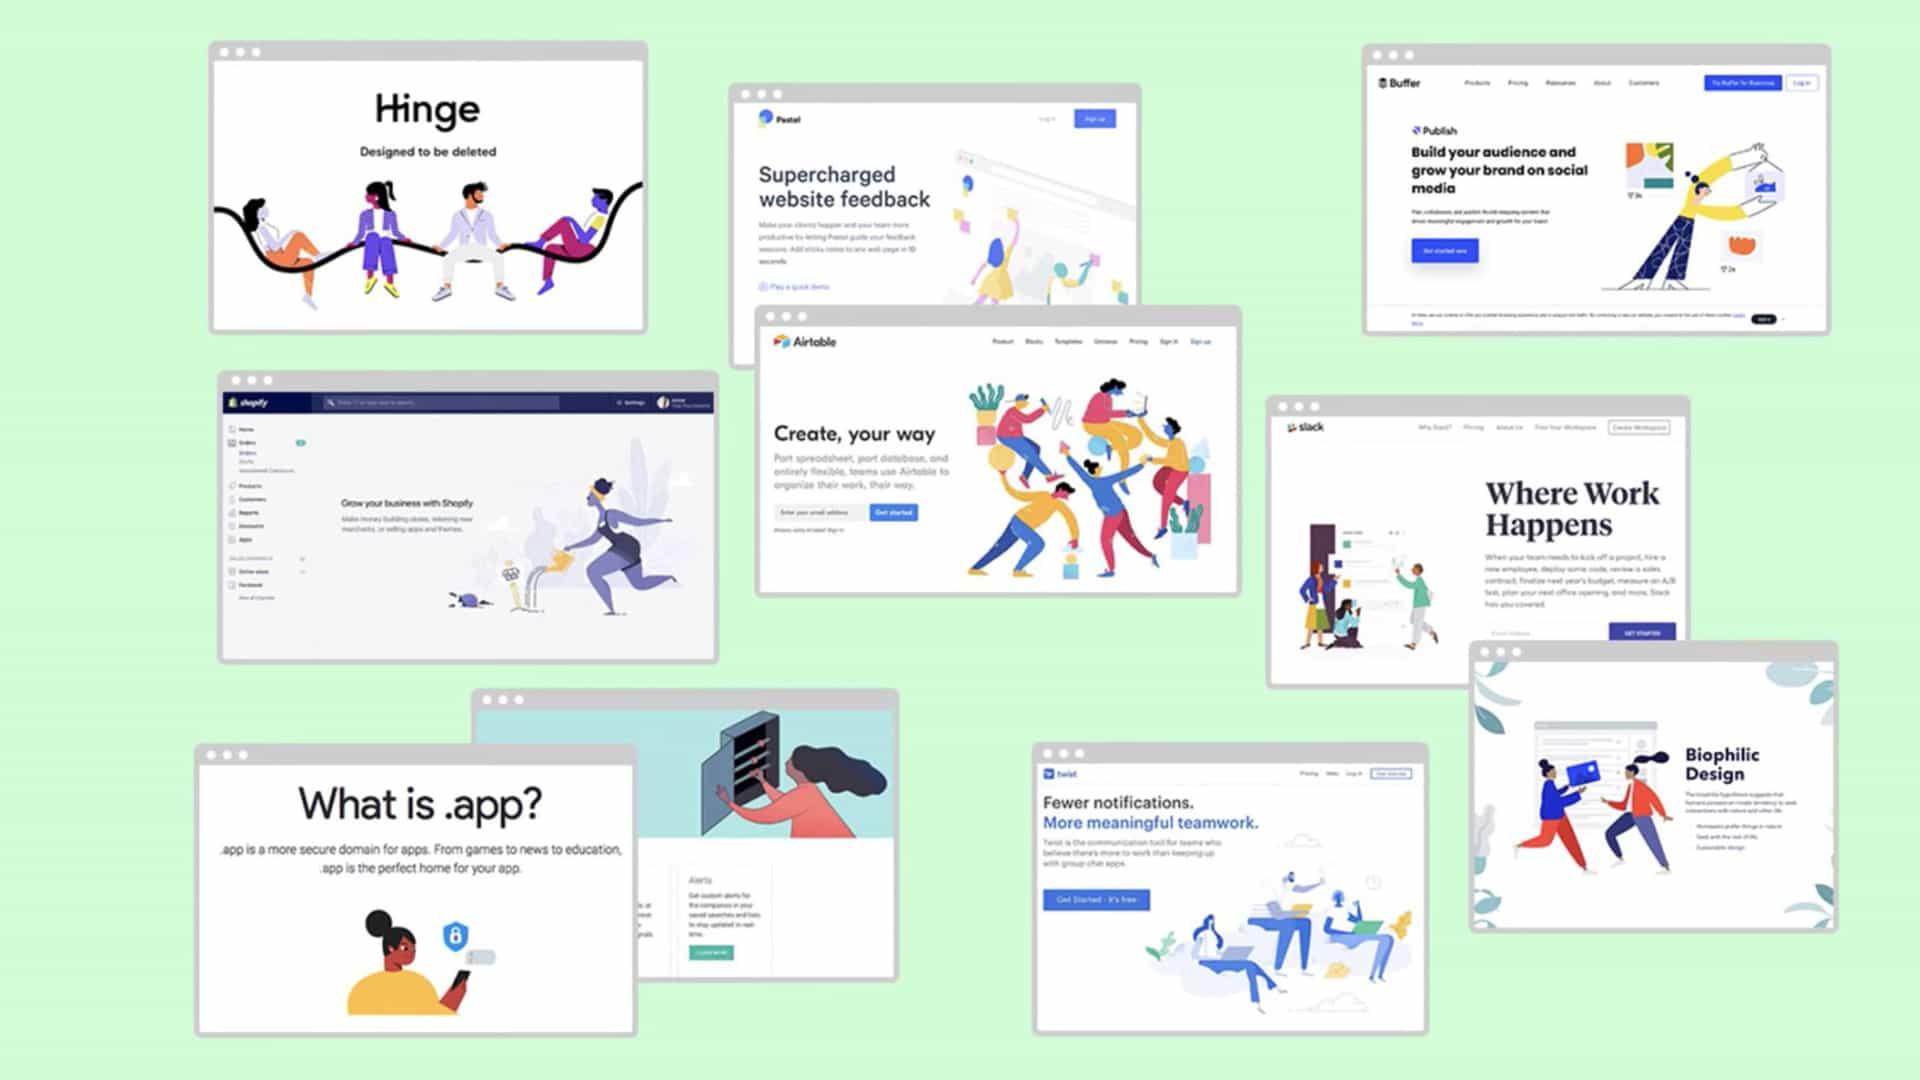 ¿Puede detectar la diferencia entre estos diseños de sitios web?